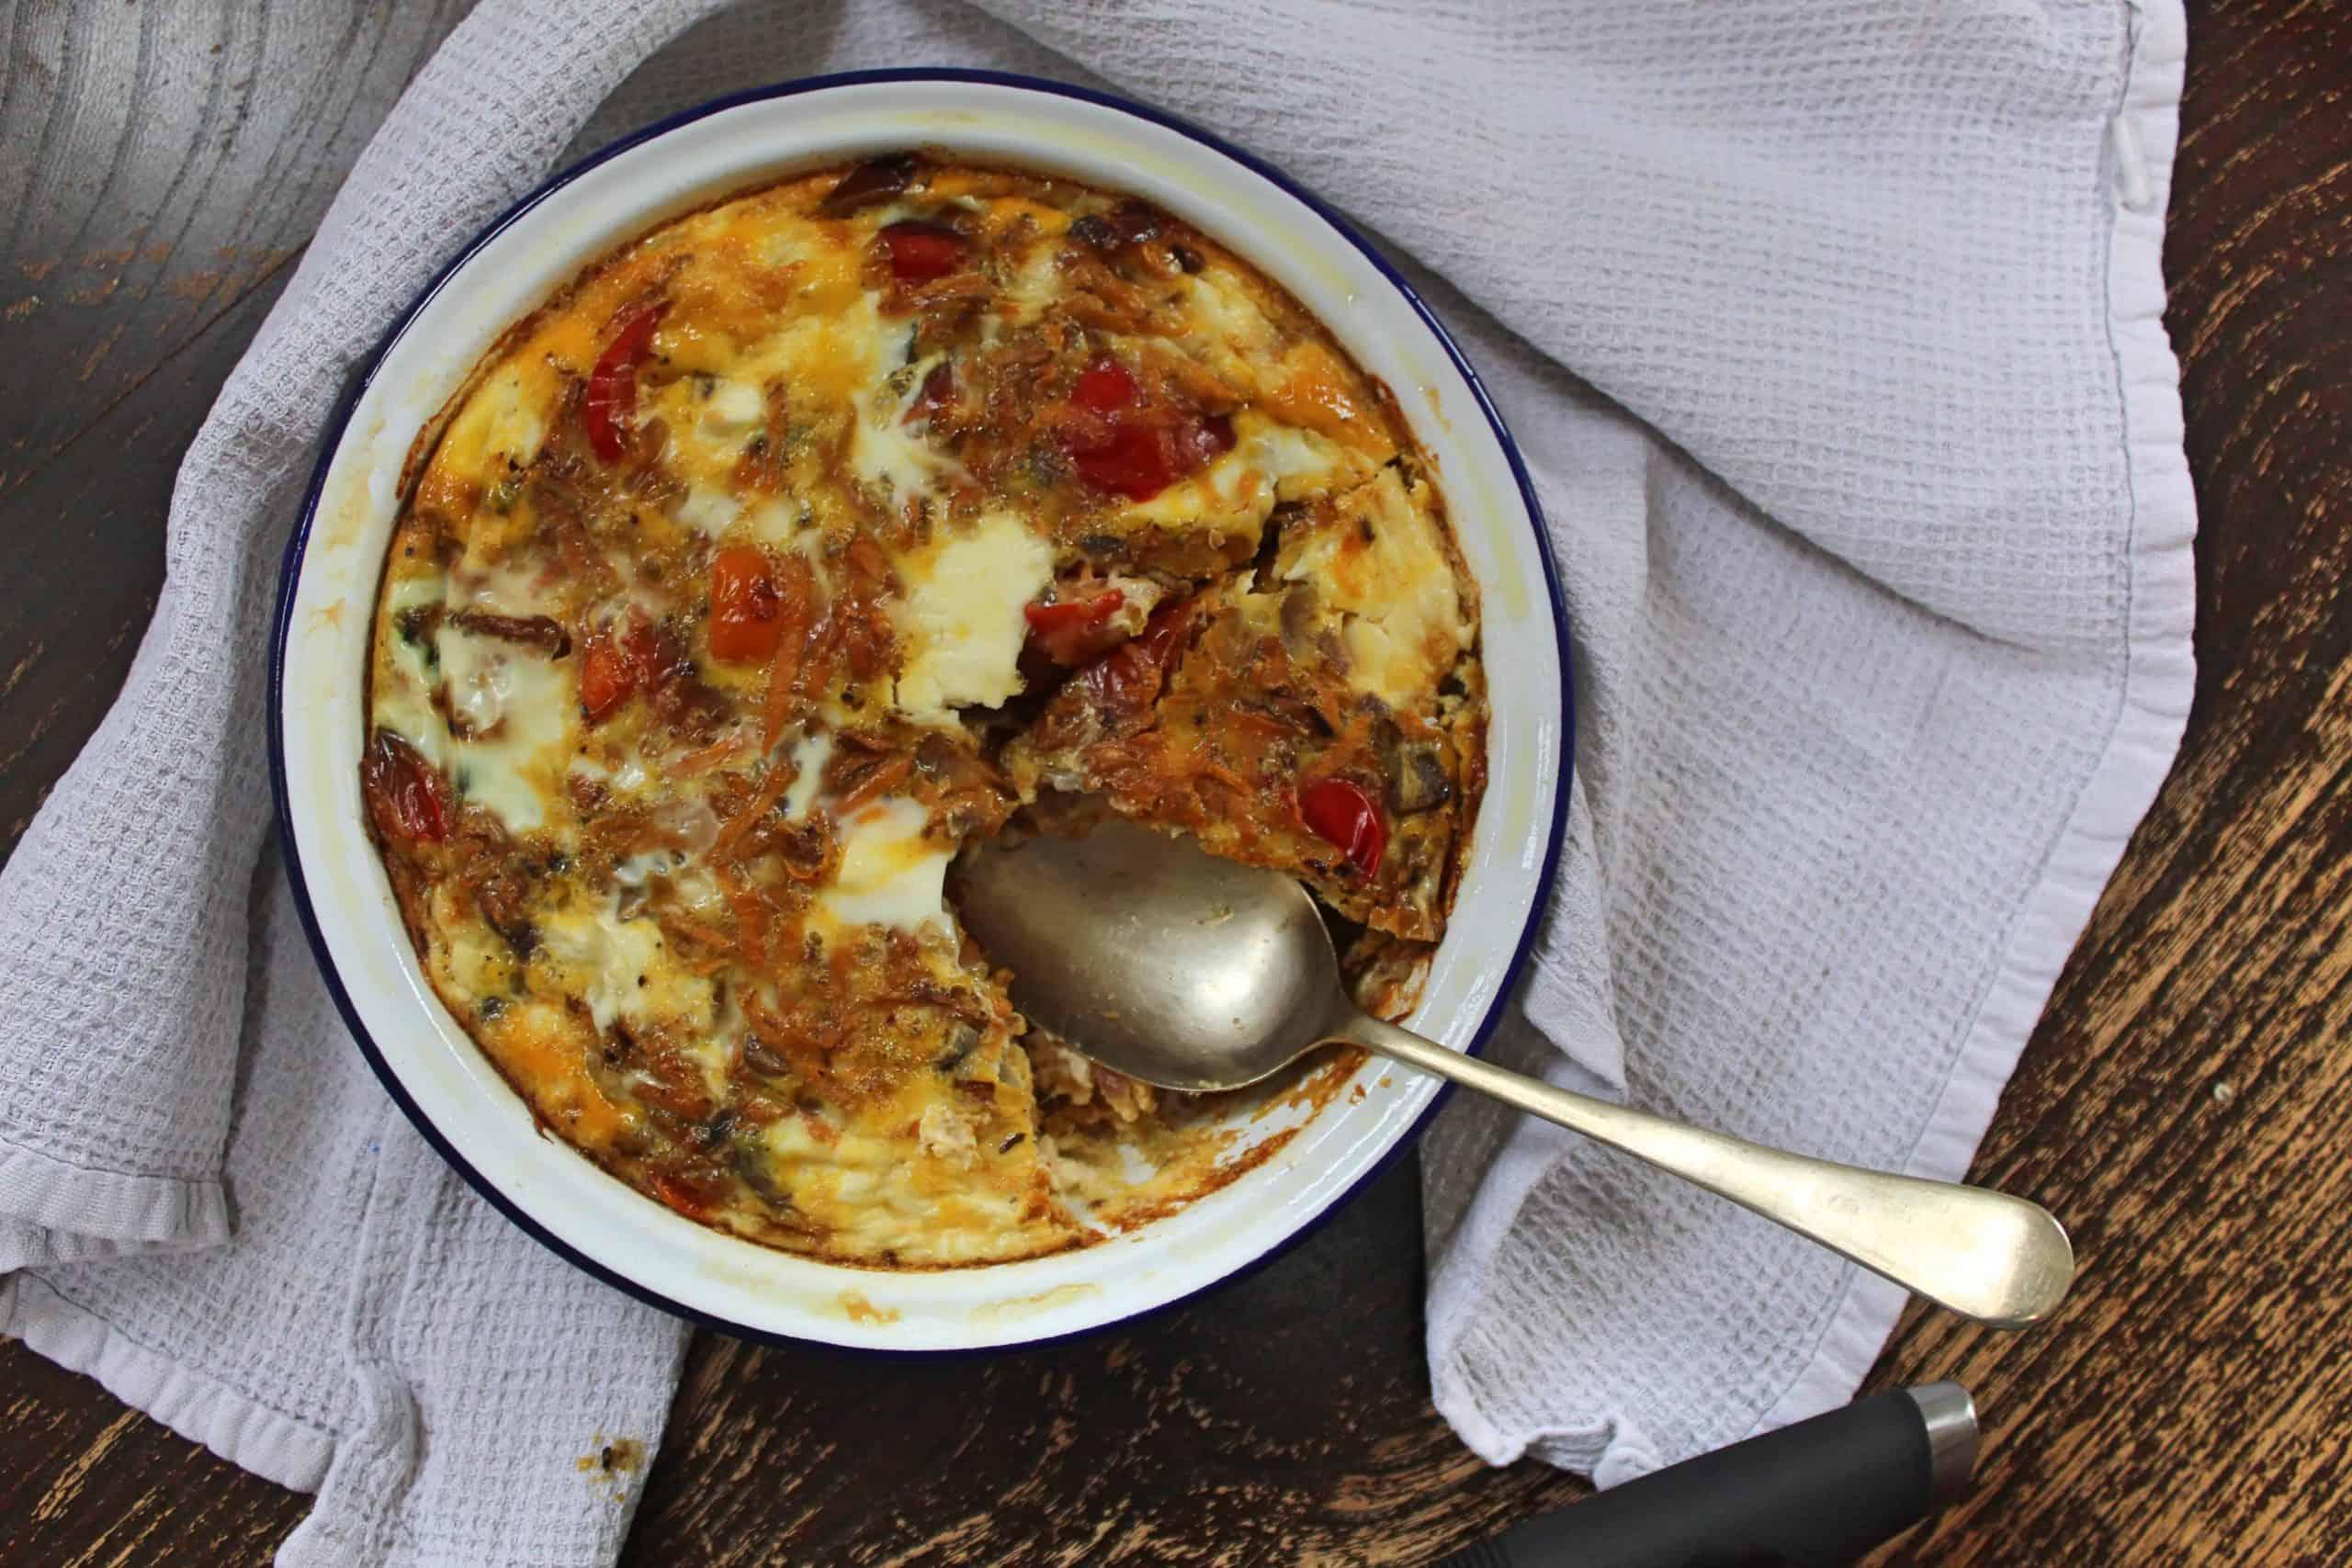 sweet potato and feta frittata recipe 37 EDIT